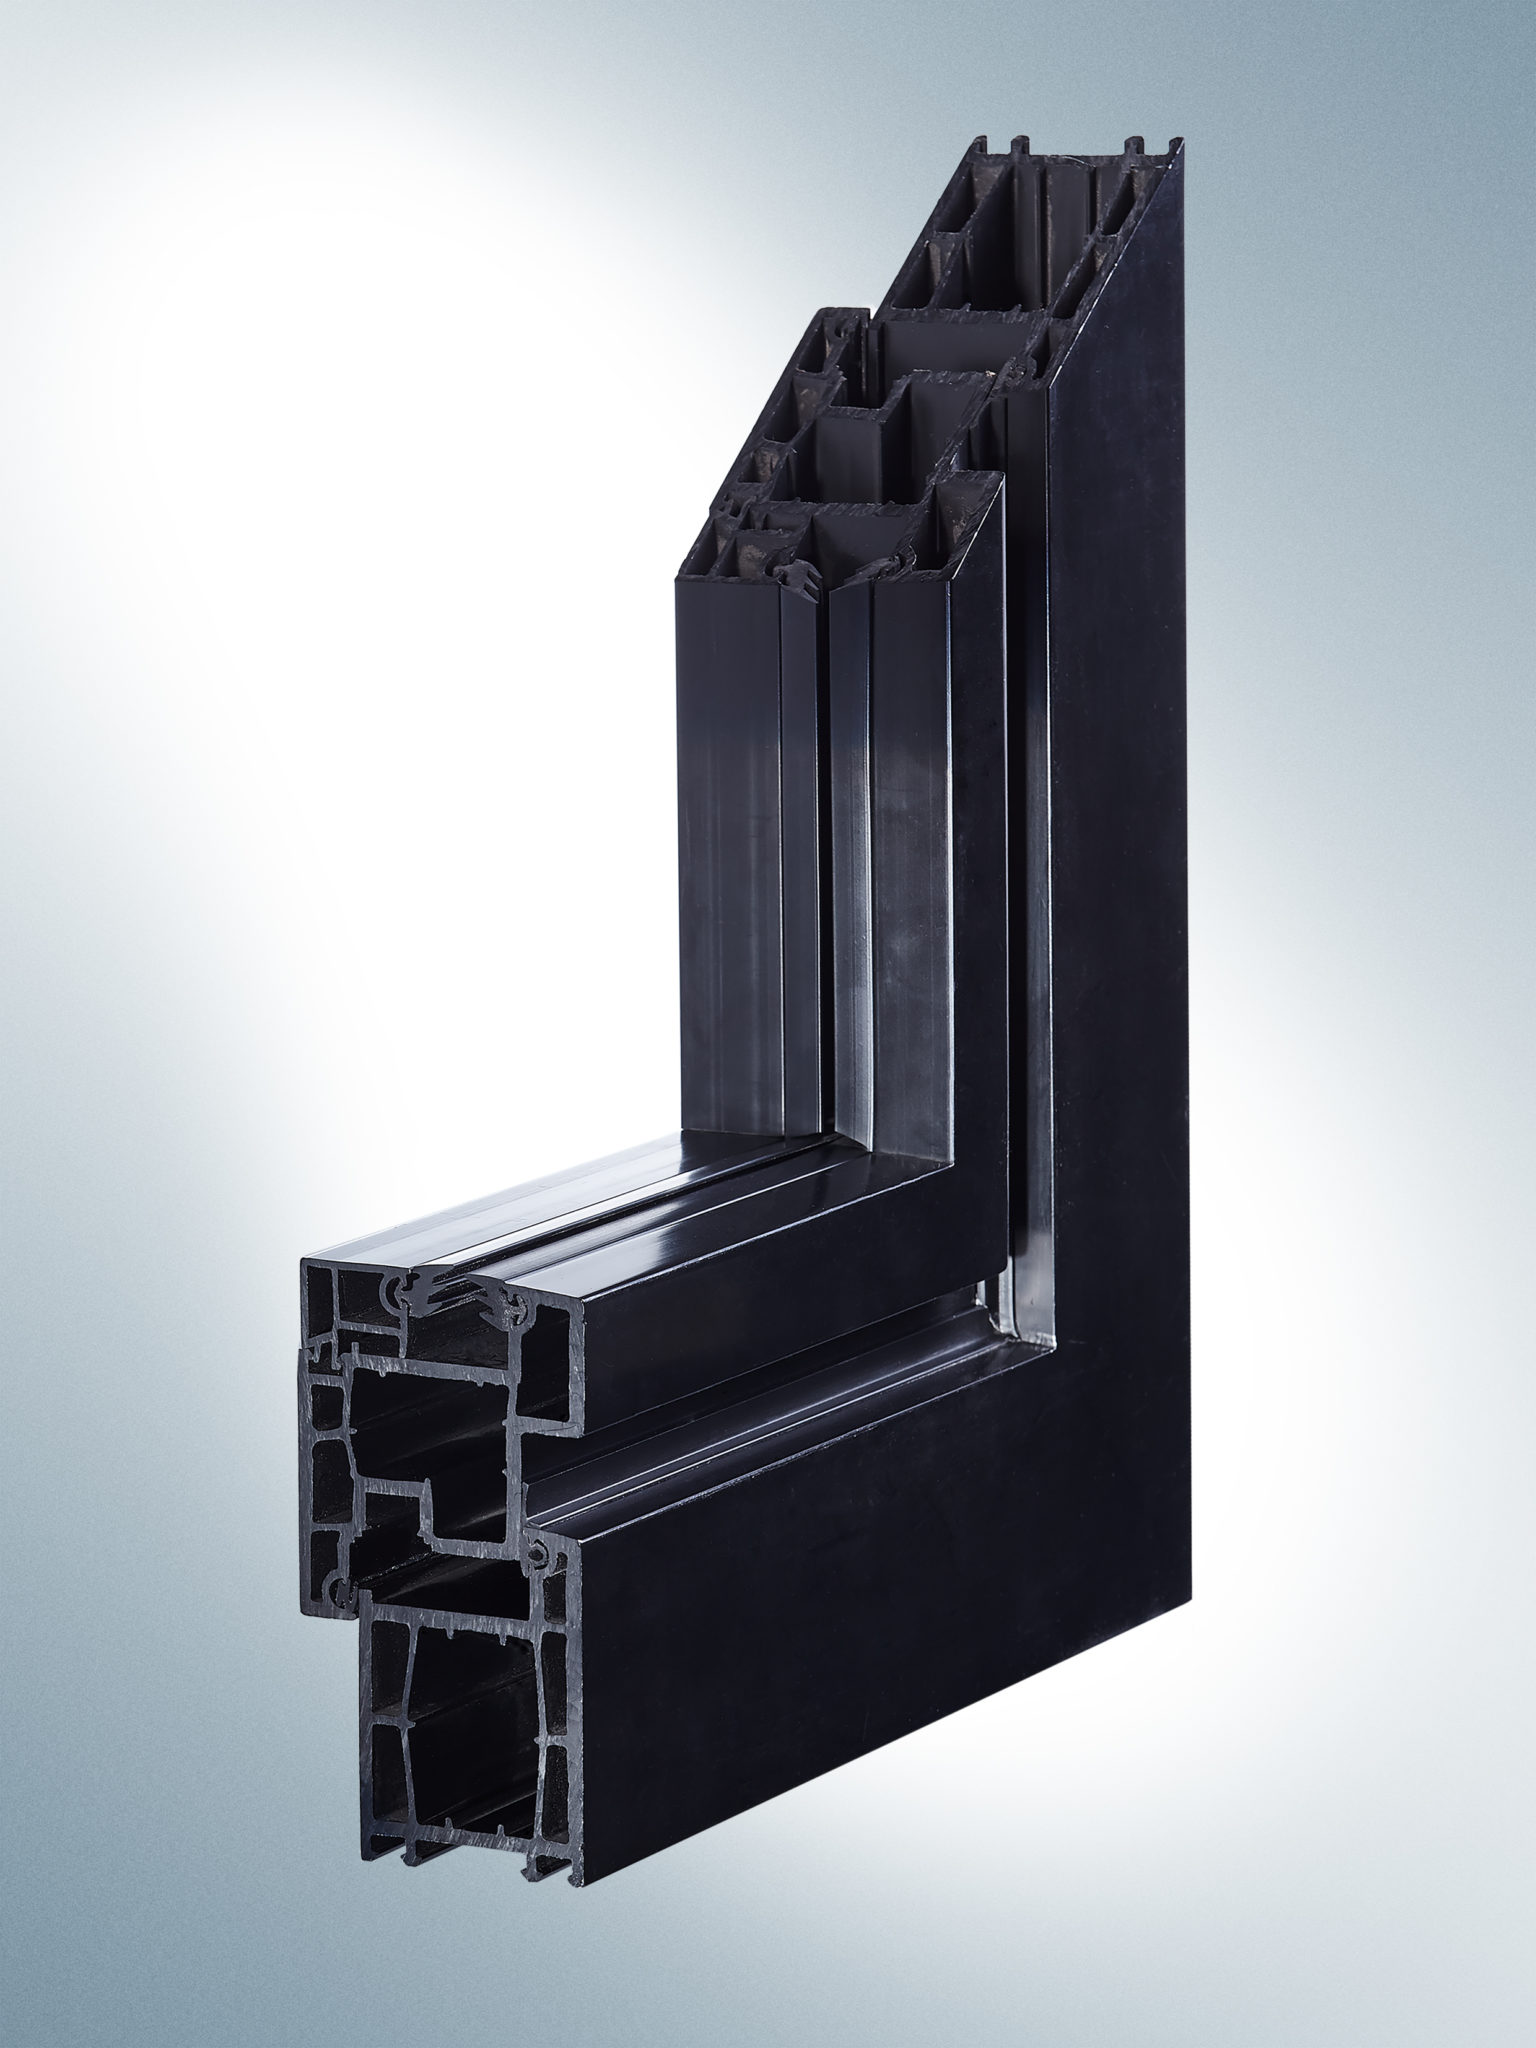 Full Size of Fenster Veka Softline 82 76 Md 70 Preise Ad 50 Jahre Welt Das Jubilum Ebay Drutex Test Putzen Kunststoff Sichtschutzfolien Für Bodentiefe Maße Rc3 Fenster Fenster Veka